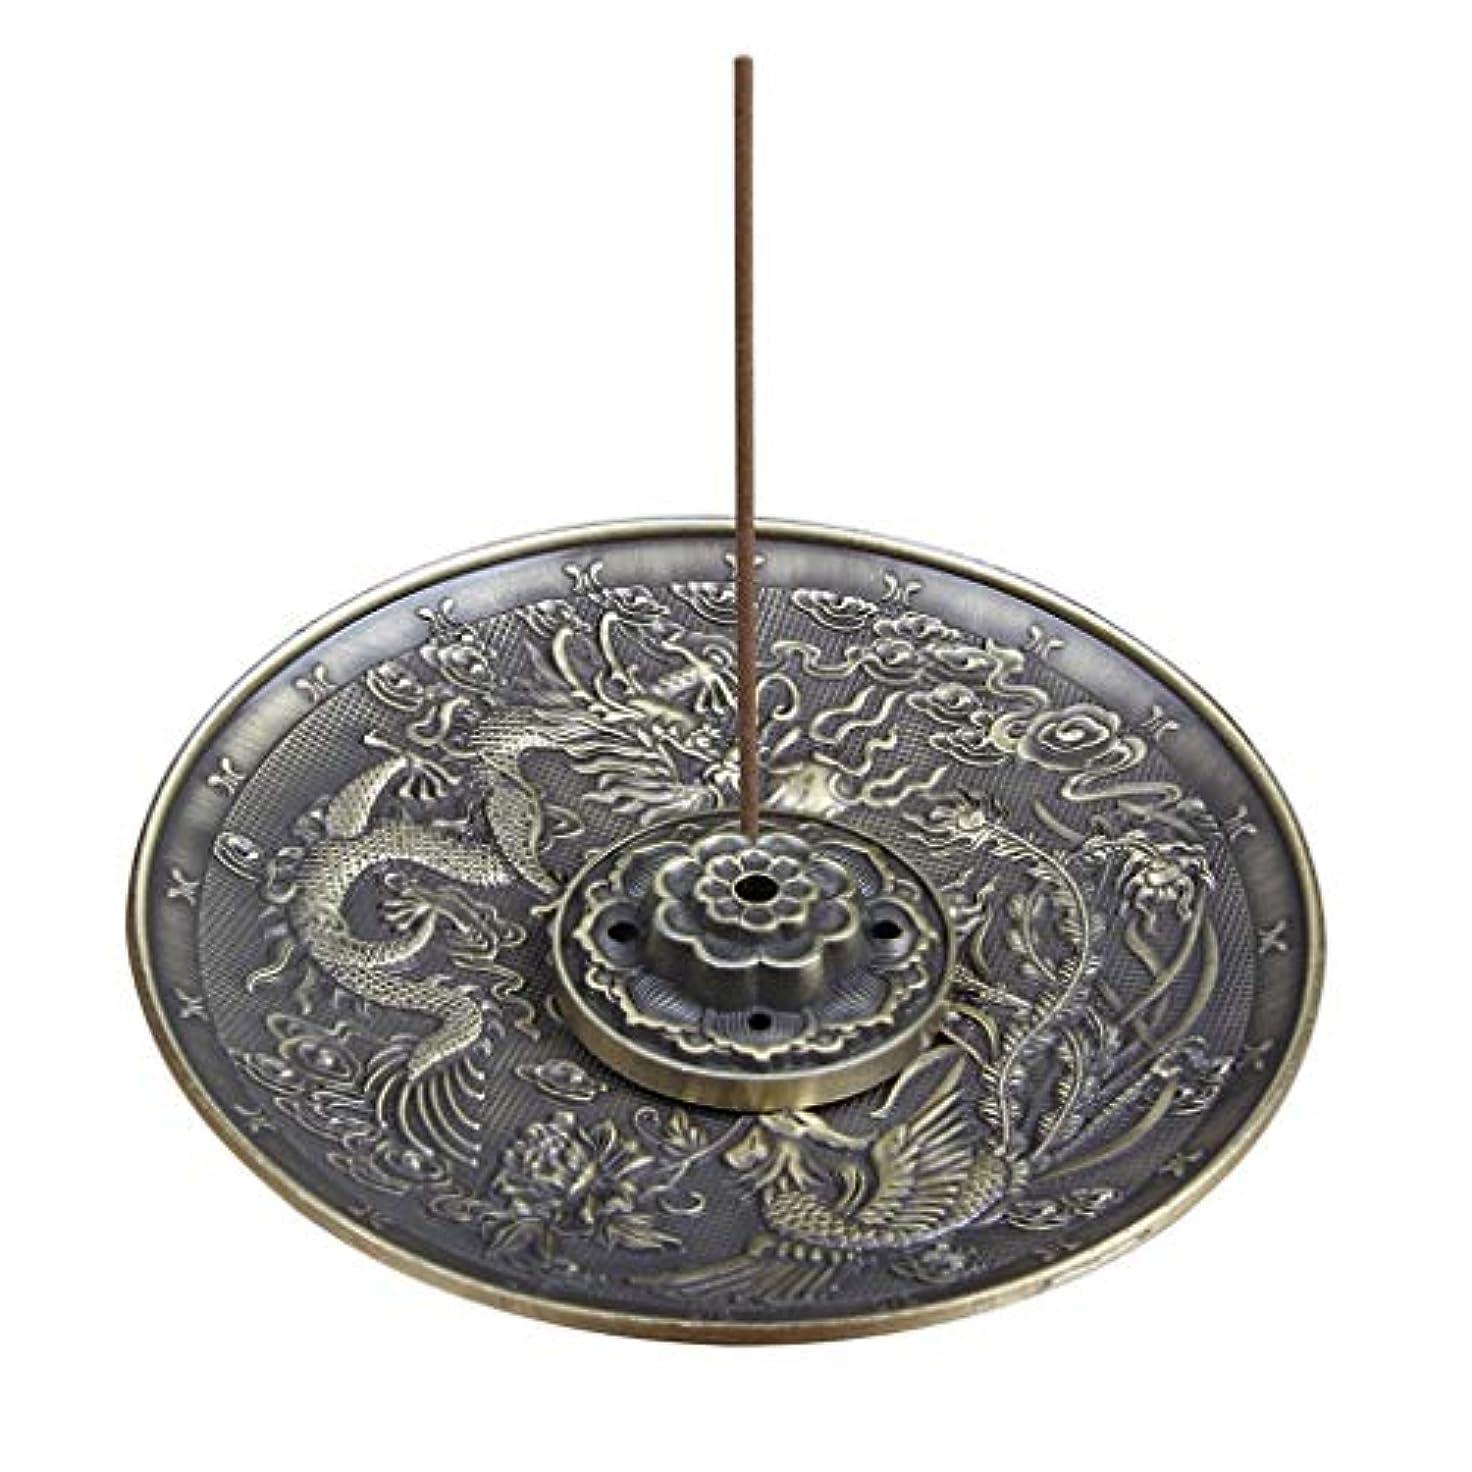 便宜予算部族合金線香ホルダーロータススティック線香バーナードラゴンとフェニックスコーン線香オイルバーナー灰との逆流キャッチャー(5穴) (Color : Bronze, サイズ : 3.77*0.51inches)